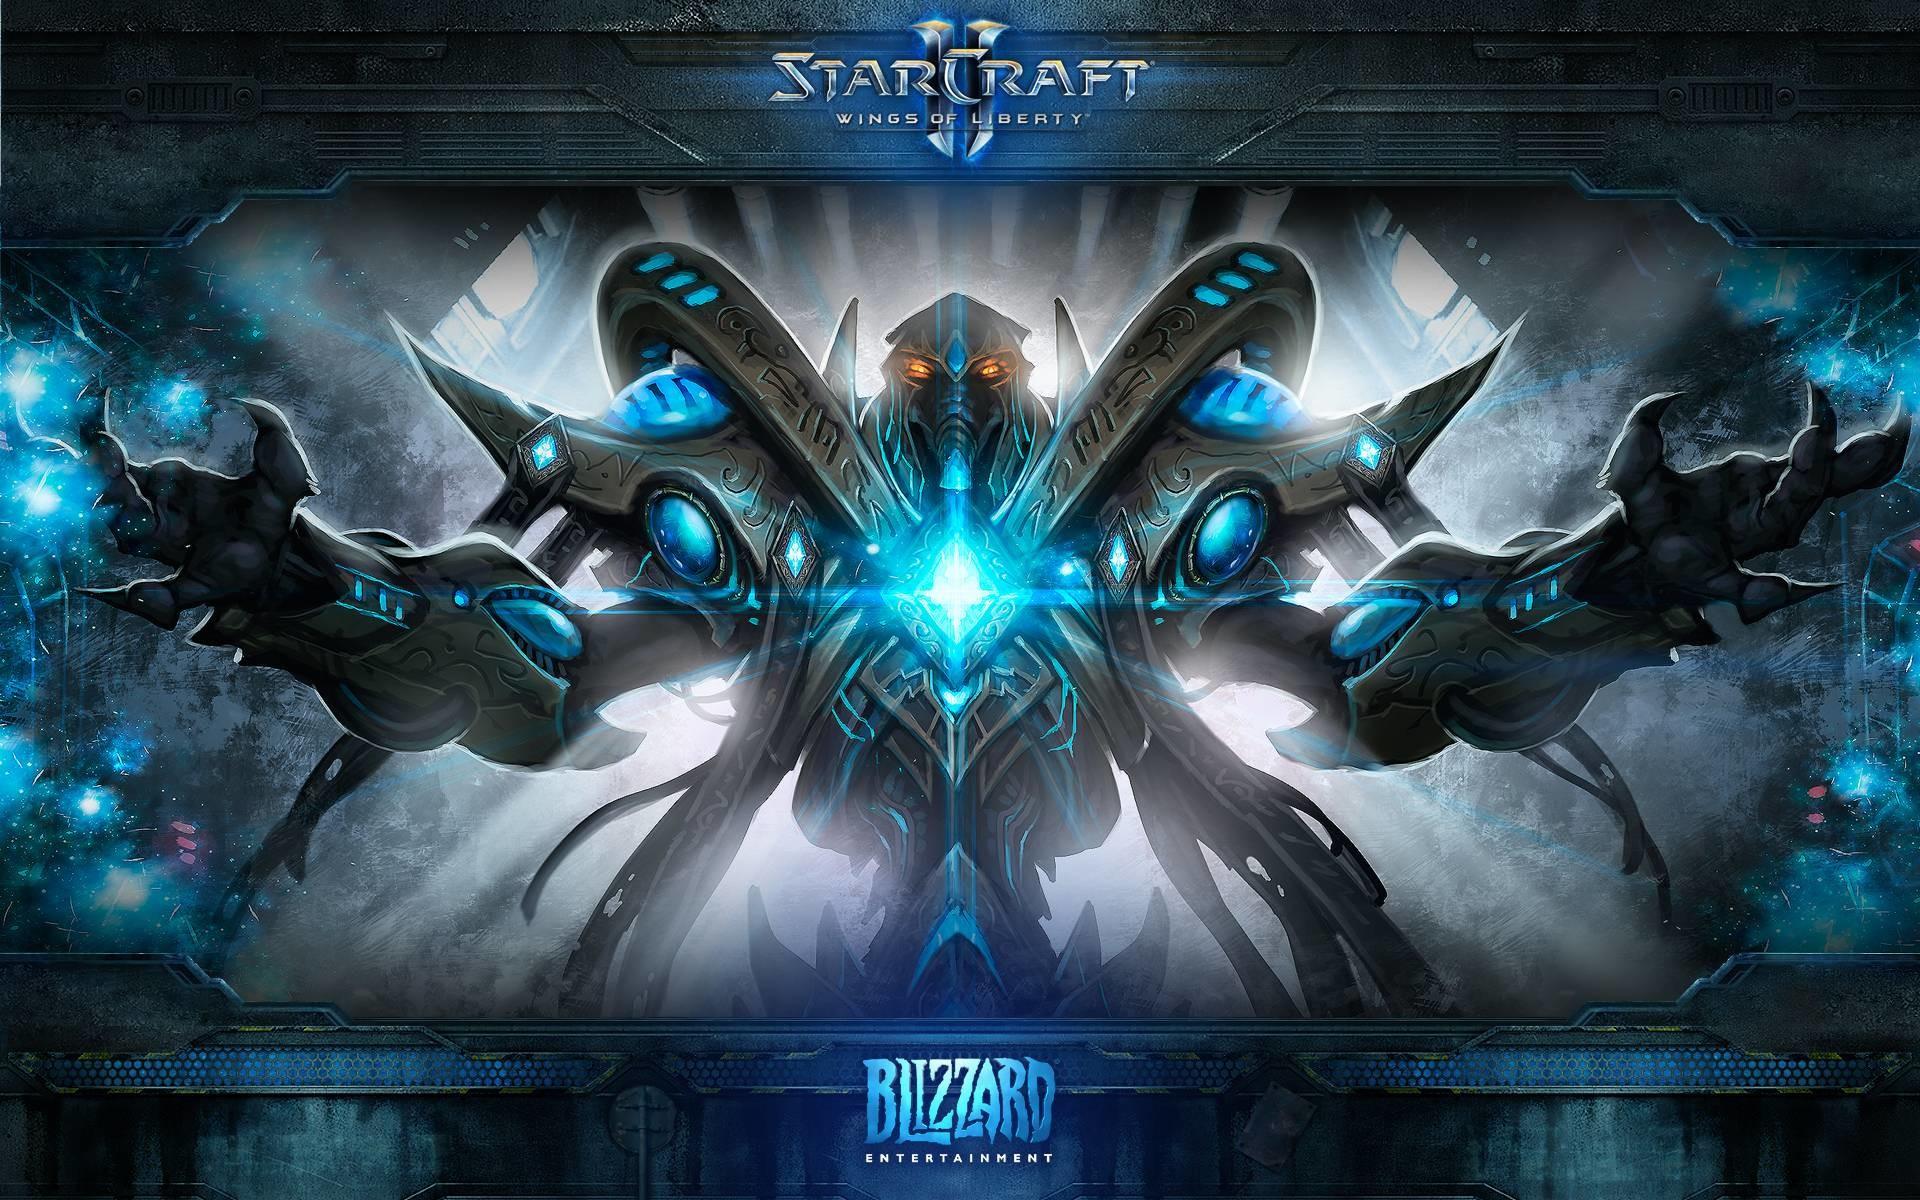 Starcraft Protoss Wallpaper High Definition